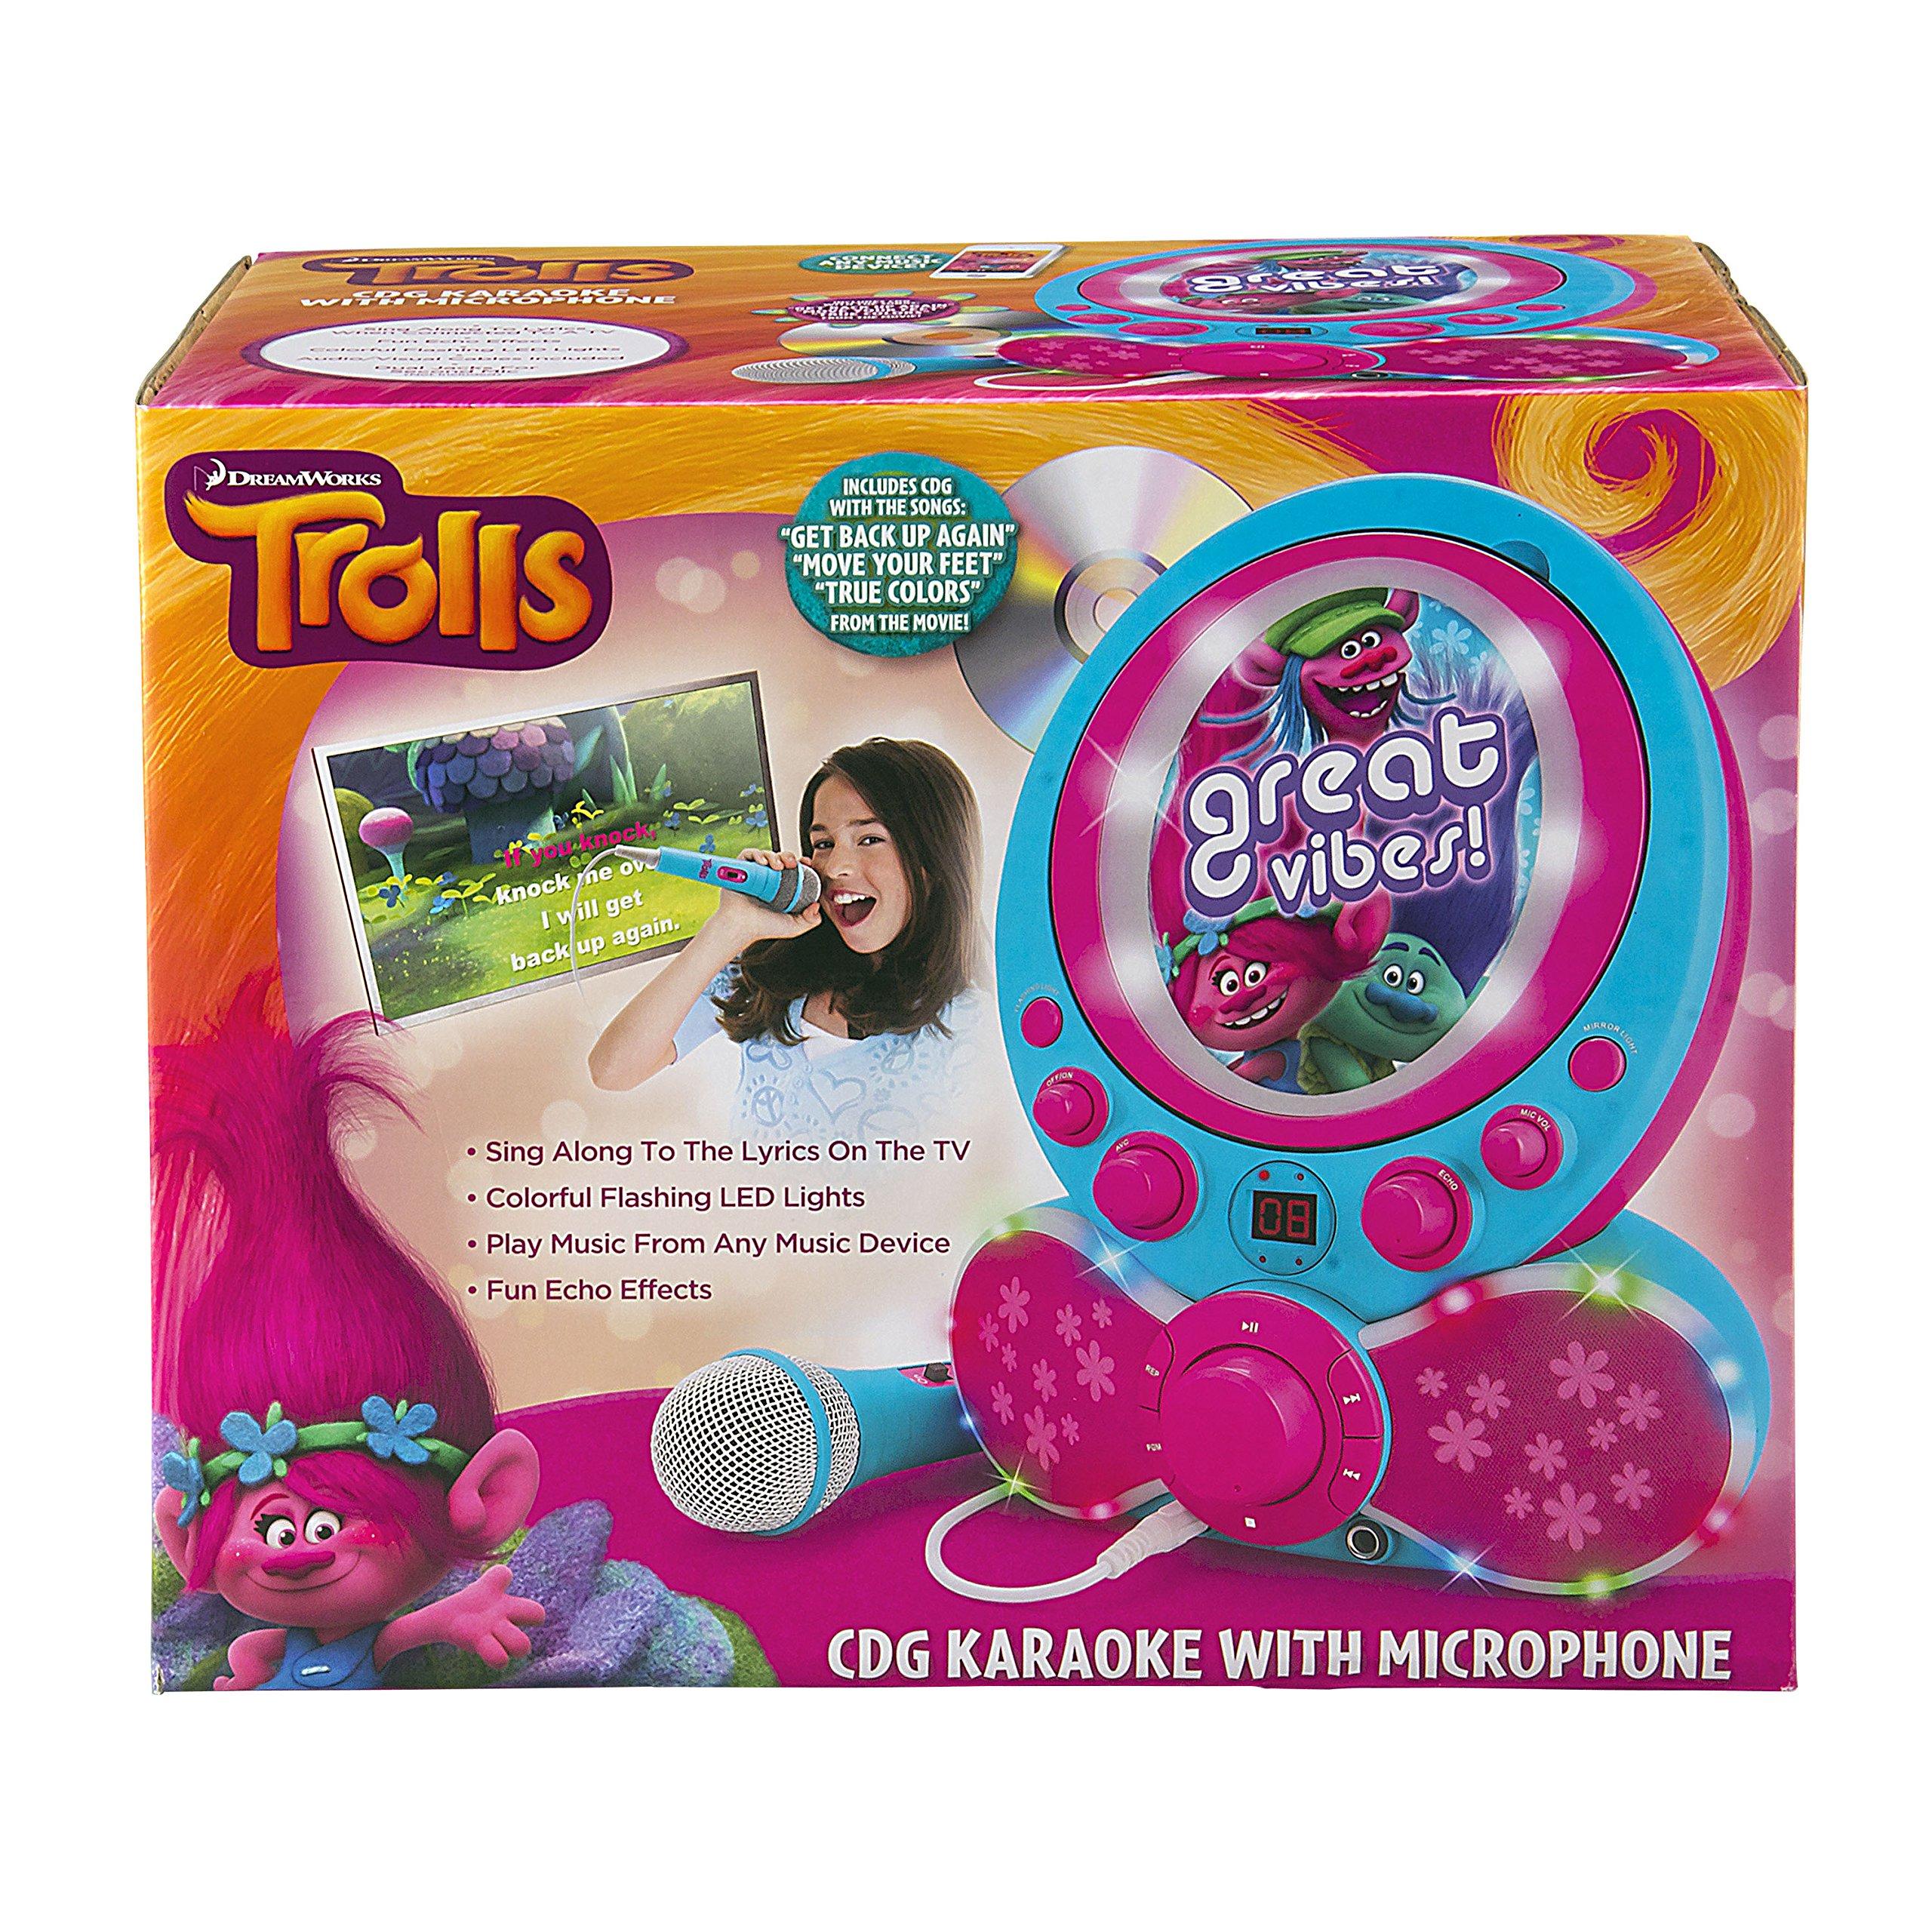 KIDdesigns Trolls CDG Karaoke Machine CD Player with Microphone by KIDdesigns (Image #4)